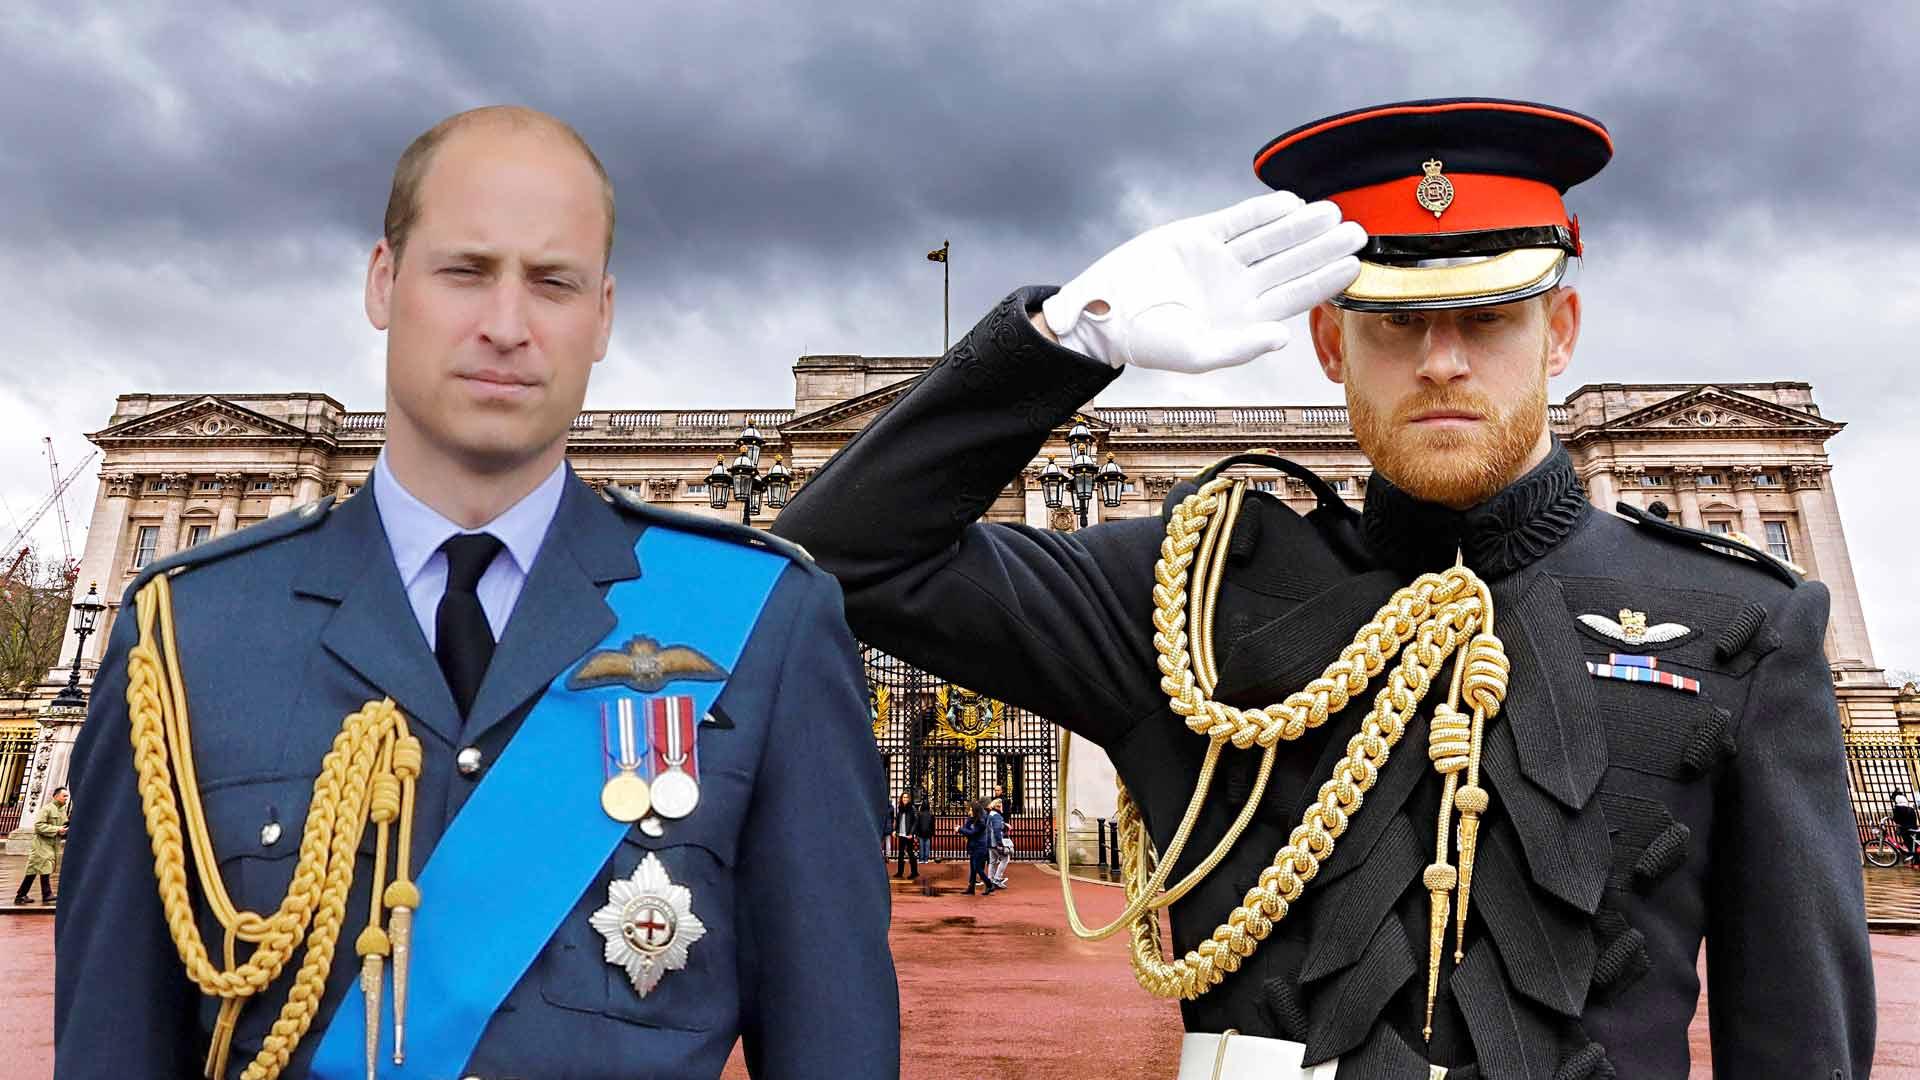 Prinssi Williamilla on aina ollut elämässään selvä rooli tulevana kruununperijänä, mutta Harry on joutunut etsimään omaansa. Tämä on saattanut vaikuttaa heidän väliensä viilenemiseen.